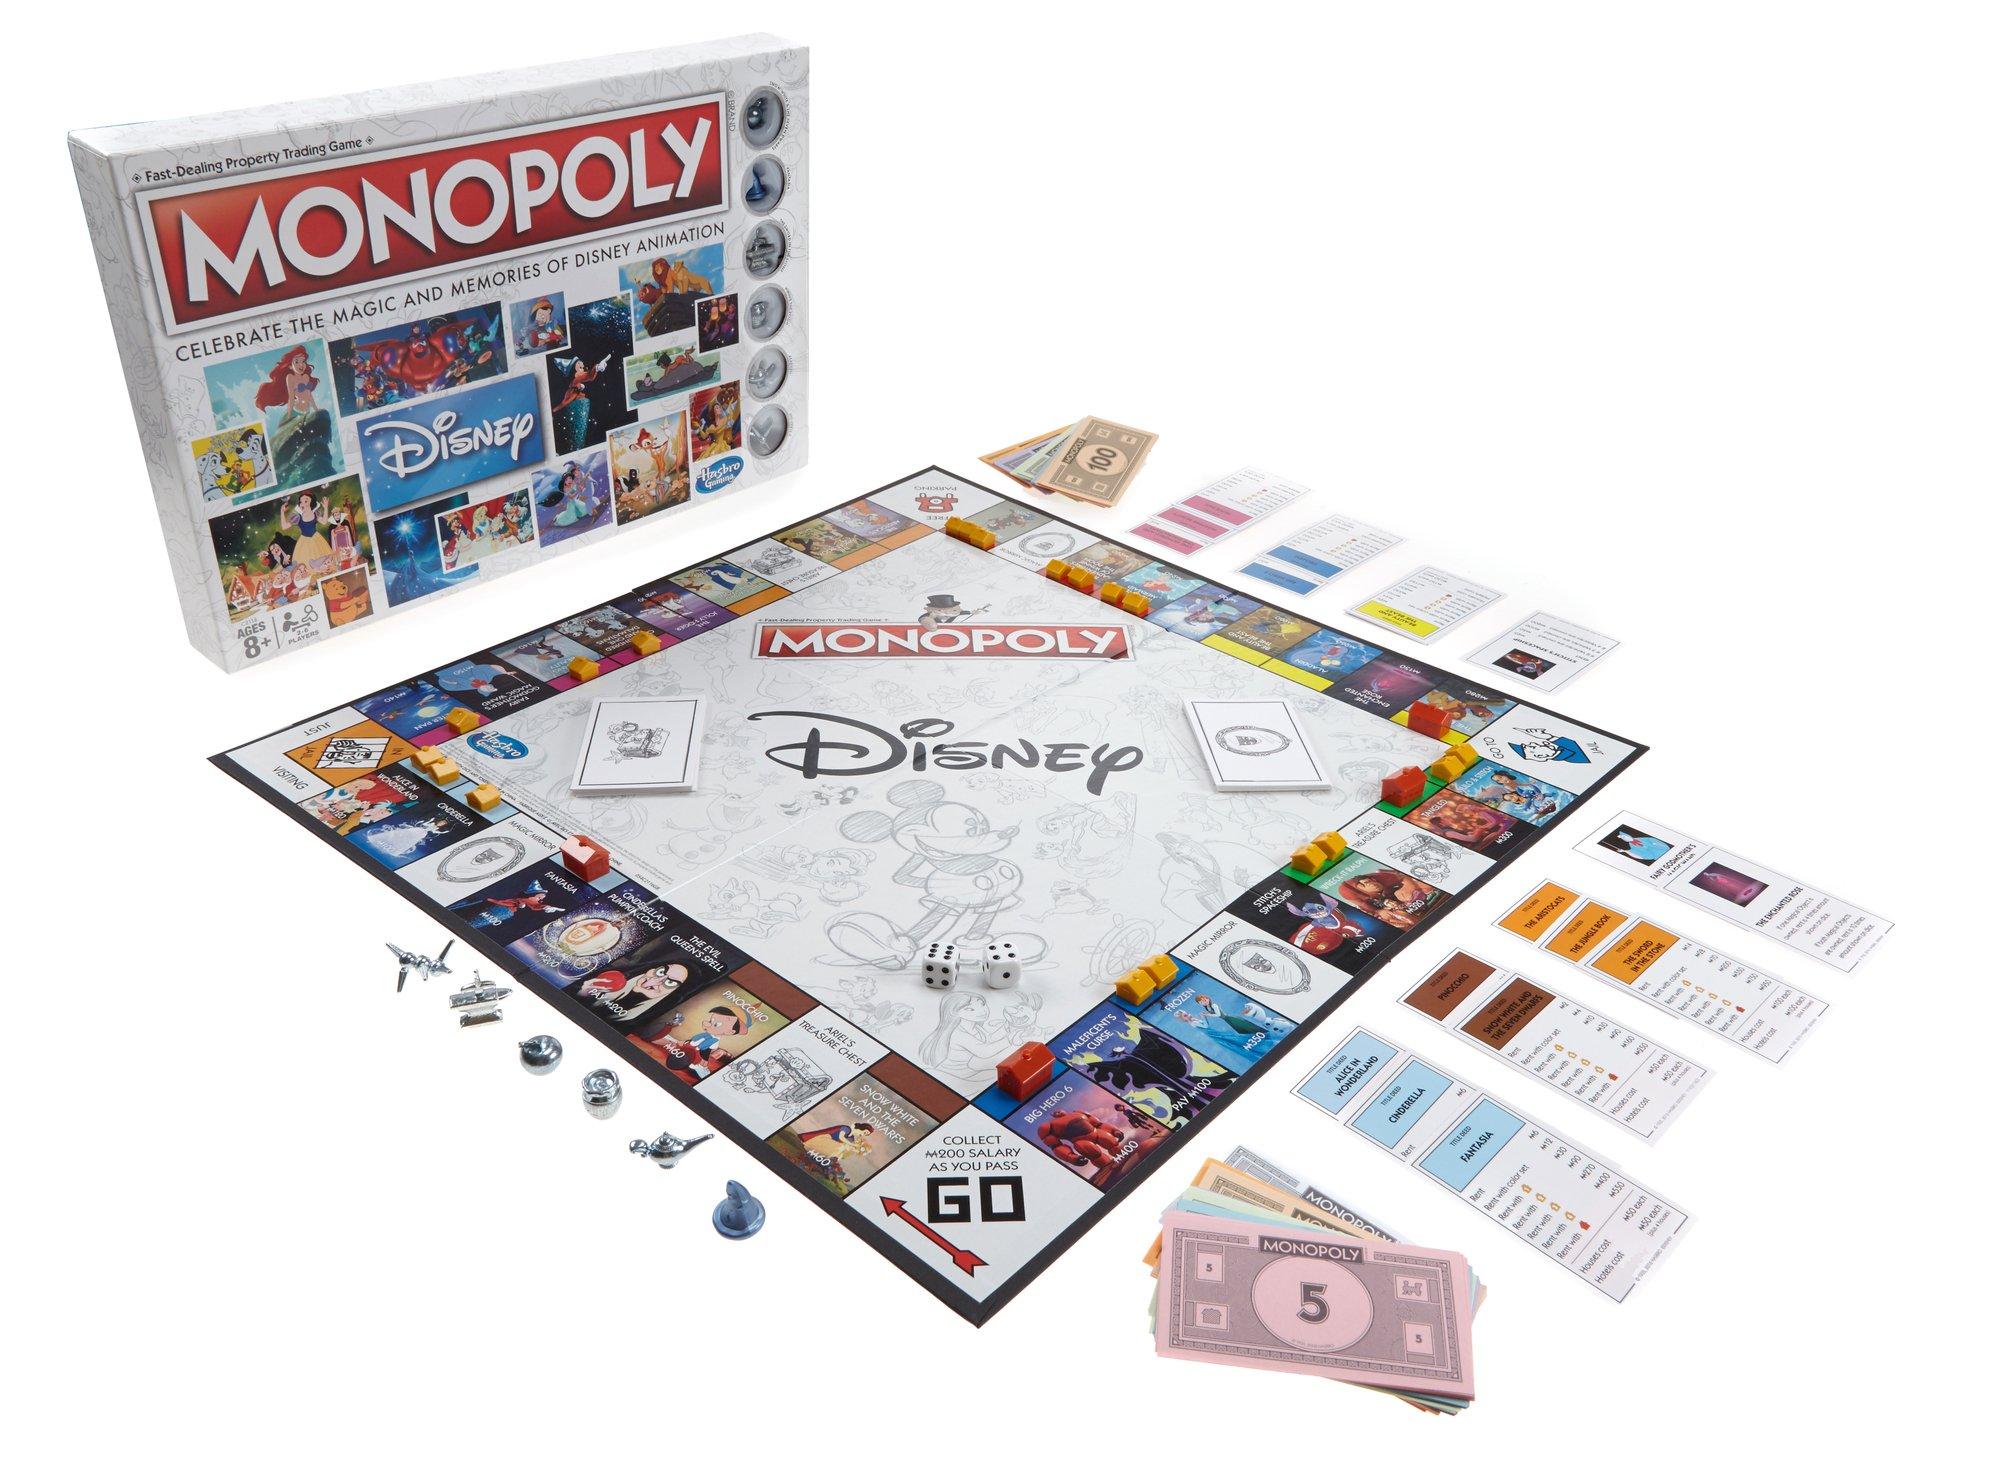 Disney Animation Edition Monopoly: Amazon.es: Juguetes y juegos